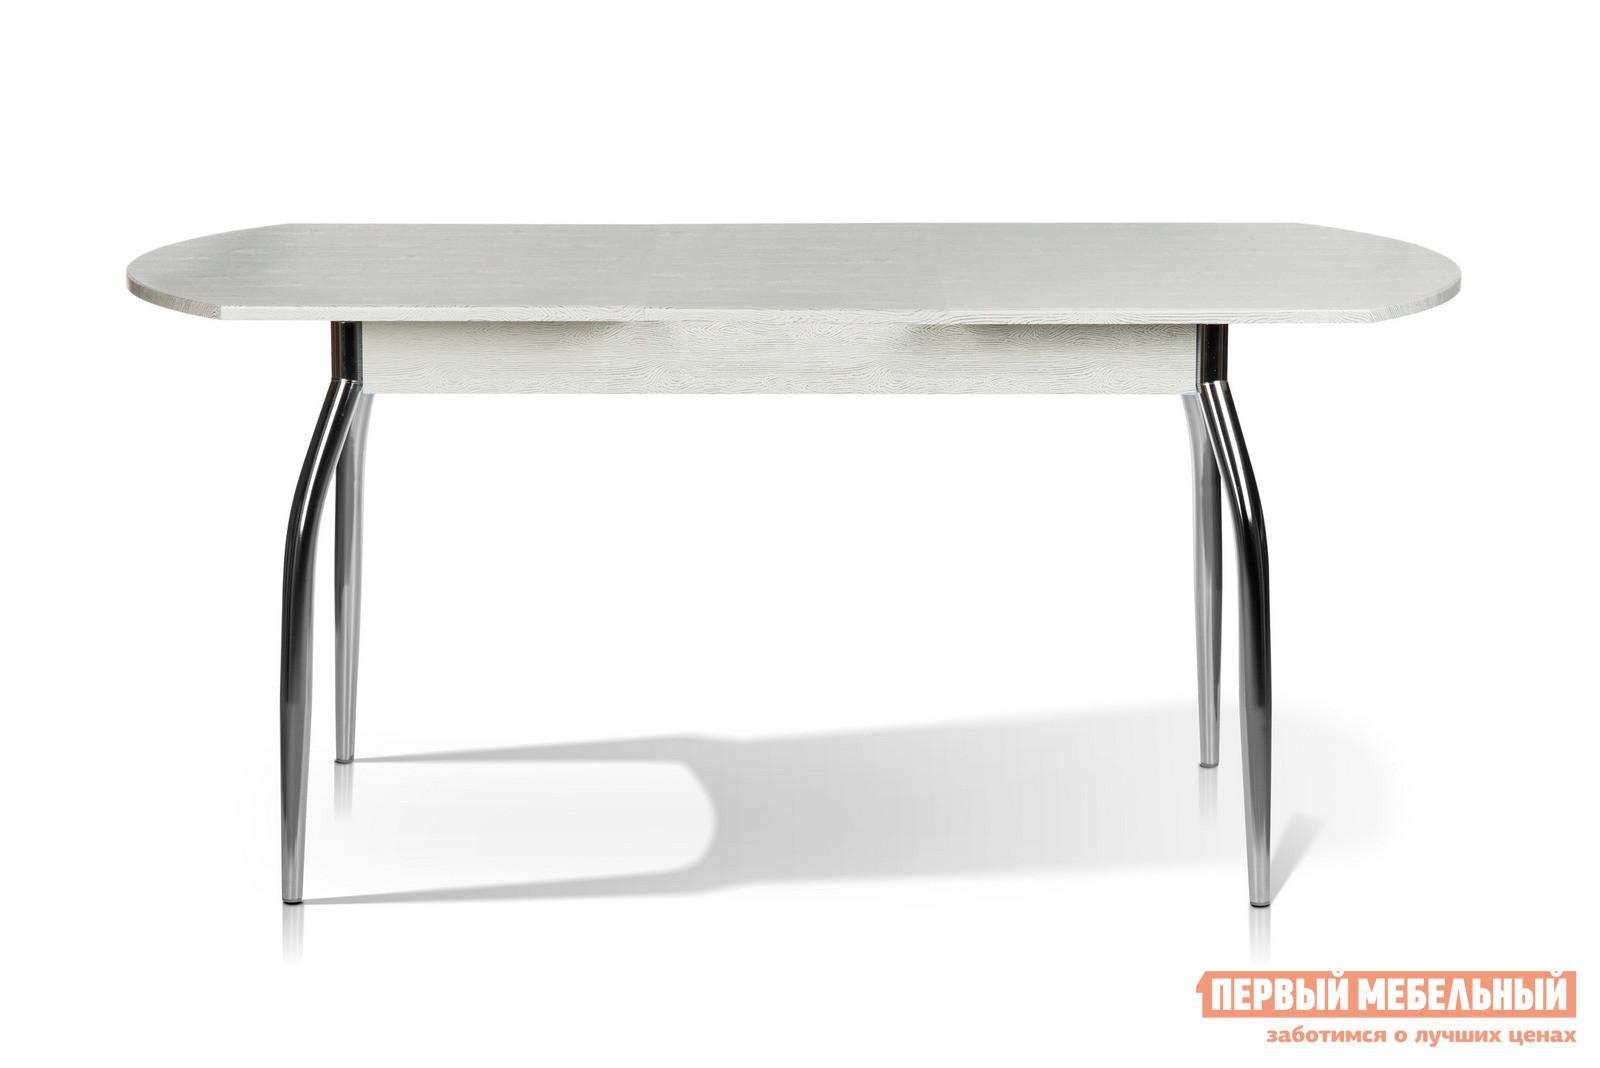 Кухонный стол МегаЭлатон Сиена Мини Дуб белый патинаКухонные столы<br>Габаритные размеры ВхШхГ 750x1120 / 1440x650 мм. Данная модель стола идеально подходит для небольшого помещения.  Столешница легко раздвигается, увеличиваясь в длине.  Для модели используется шариковый механизм раздвижения. Размер столешницы в собранном виде (ШхГ): 1120 х 650 мм;Размер столешницы в разложенном виде (ШхГ): 1440 х 650 мм;Металлические ножки выполнены из хромированной трубы.  Каркас столешницы изготовлен из ЛДСП толщиной 16 мм и МДФ толщиной 18 мм.  Торцевые части облицованы противоударной пленкой ПВХ толщиной 2 мм.<br><br>Цвет: Белый<br>Высота мм: 750<br>Ширина мм: 1120 / 1440<br>Глубина мм: 650<br>Кол-во упаковок: 1<br>Форма поставки: В разобранном виде<br>Срок гарантии: 12 месяцев<br>Тип: Раздвижные<br>Тип: Трансформер<br>Материал: Дерево<br>Материал: ЛДСП<br>Материал: МДФ<br>Форма: Овальные<br>Размер: Маленькие<br>С металлическими ножками: Да